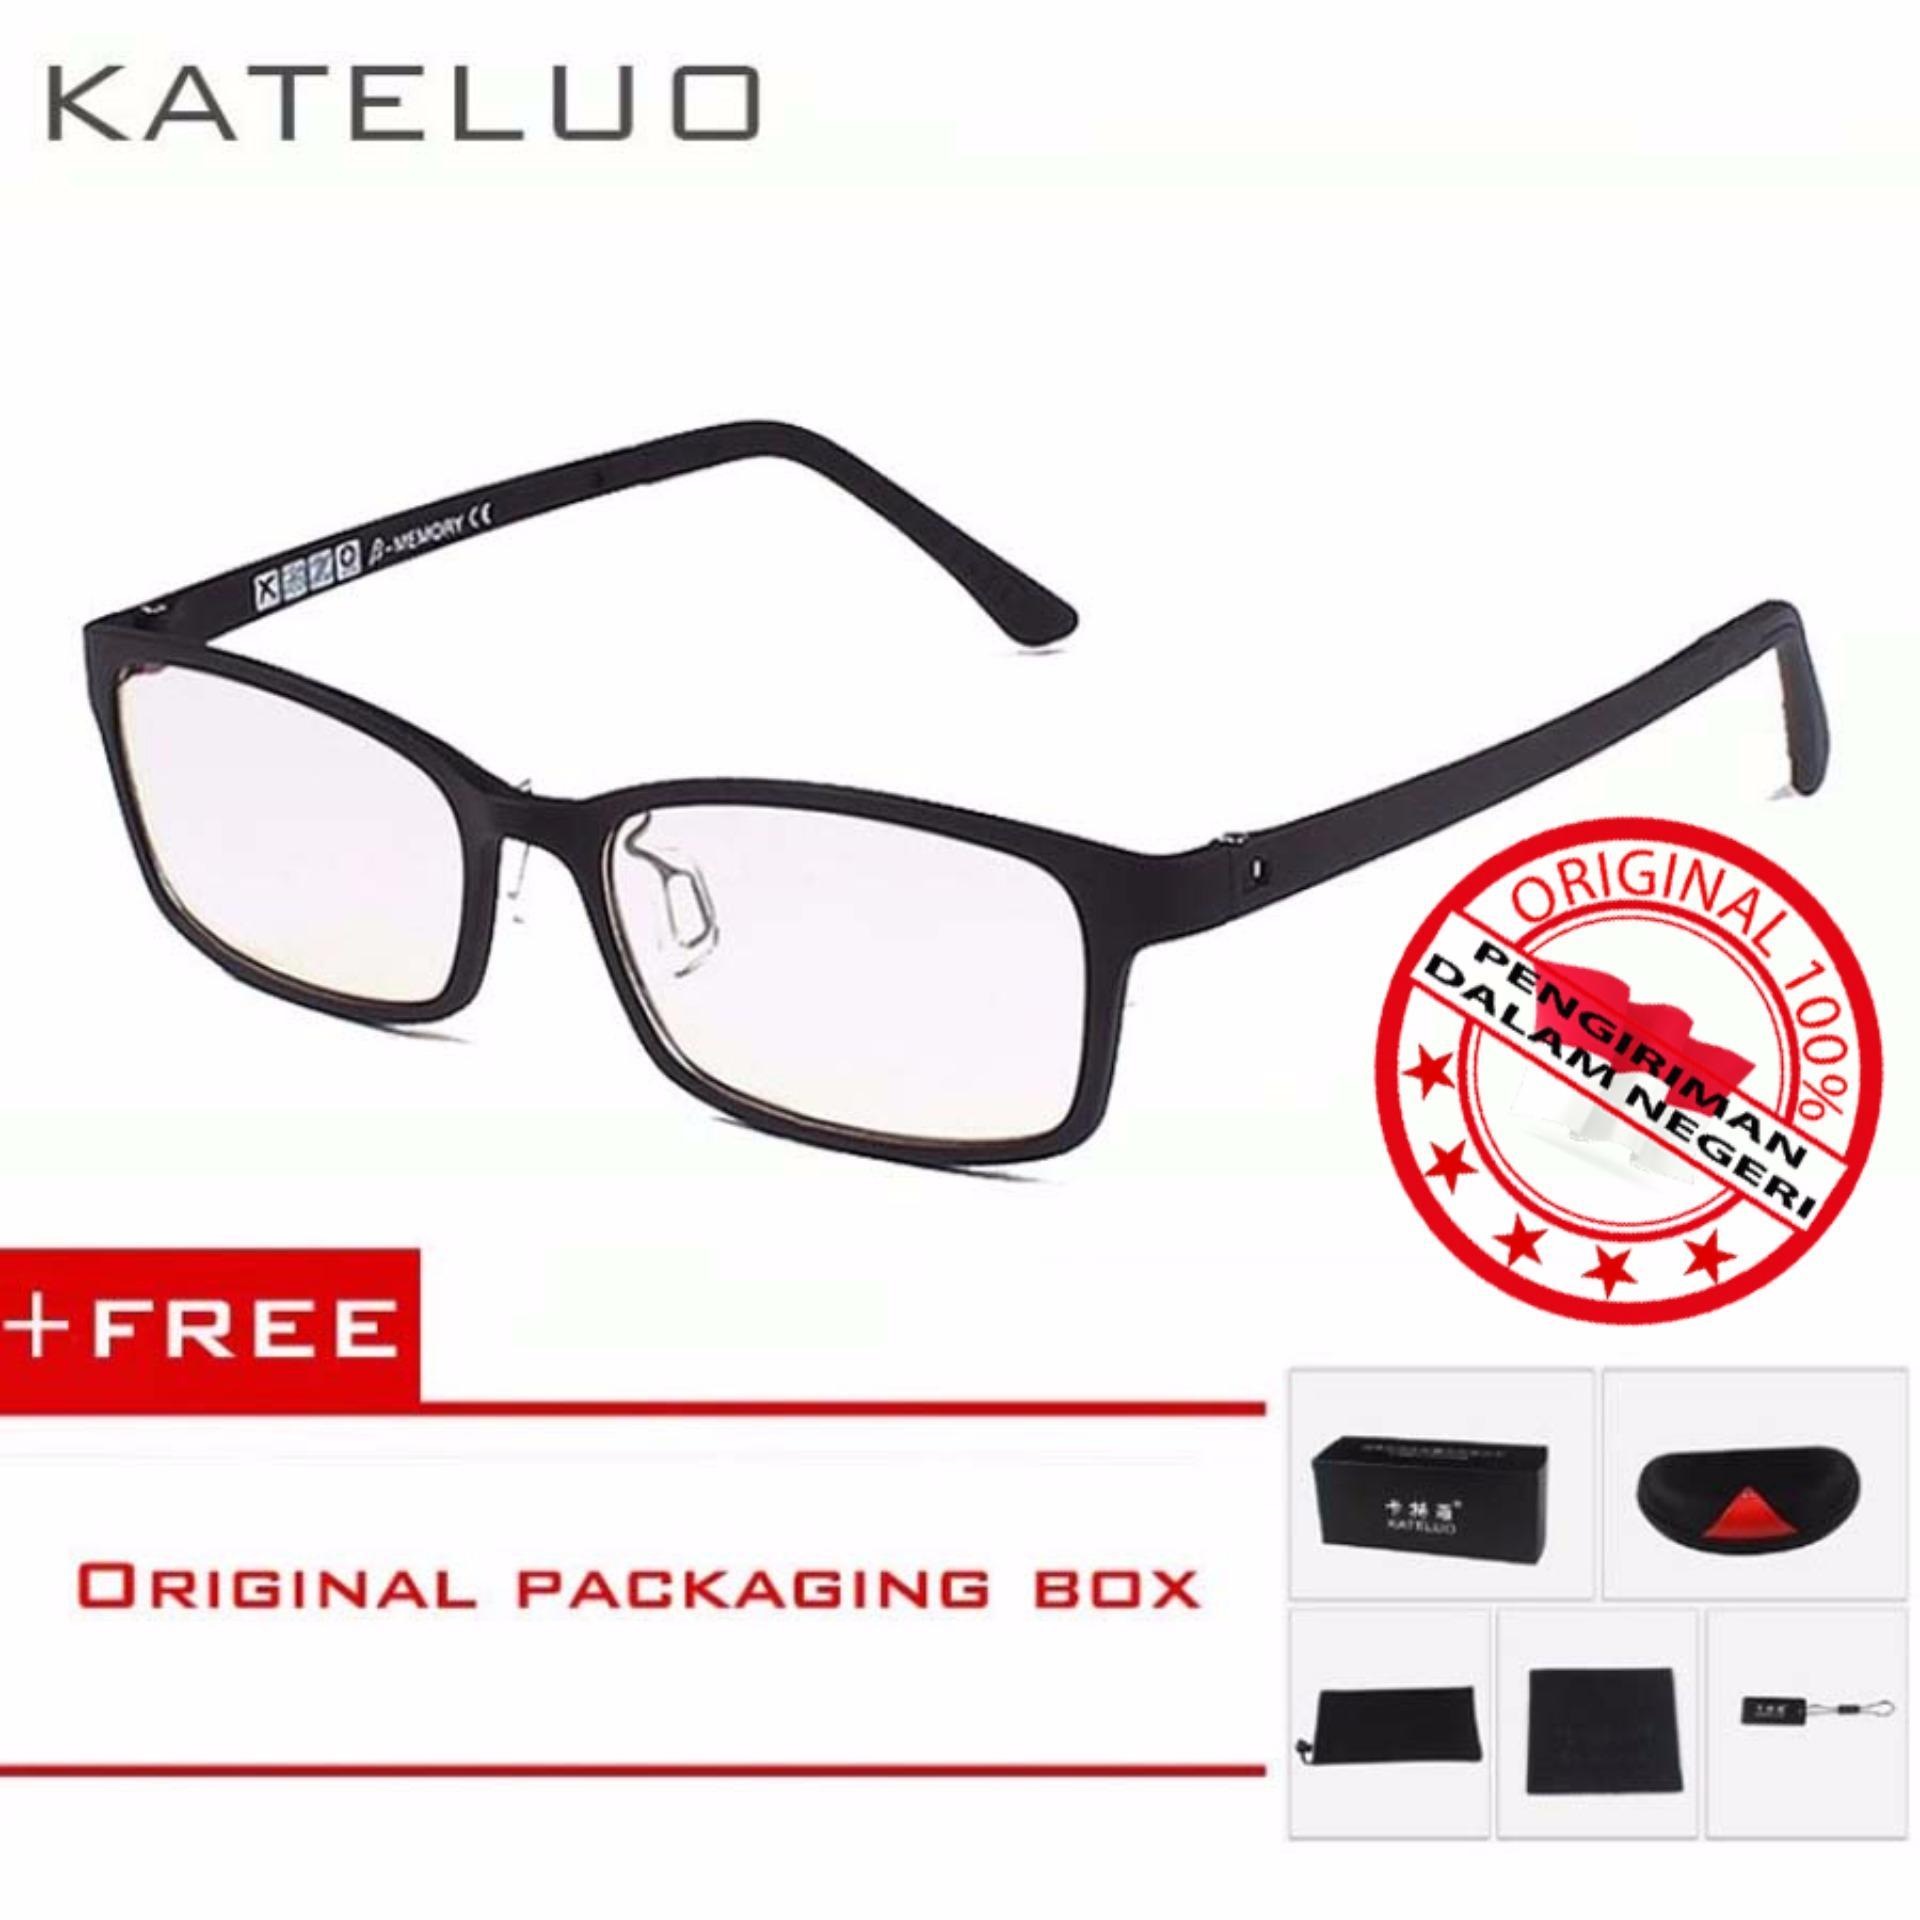 Jual Kateluo 1310 Kacamata Anti Radiasi Komputer Frame Anti Radiasi Gadget Original Grosir